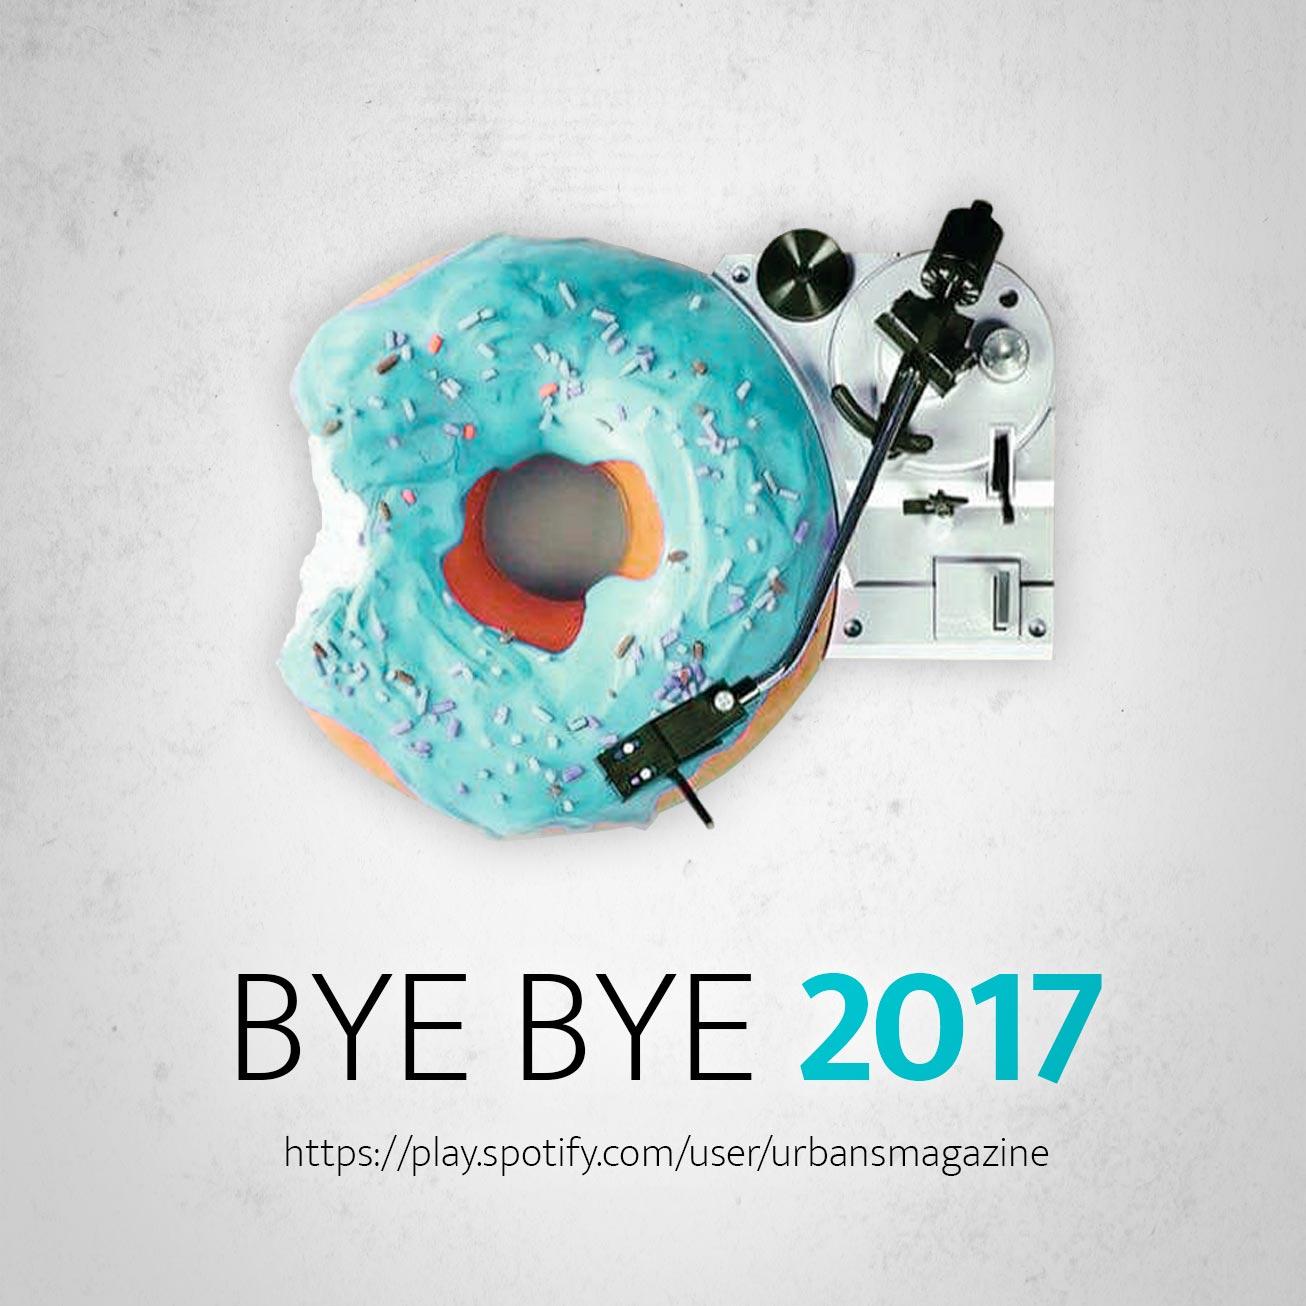 spotify-bye-bye-2017-v2